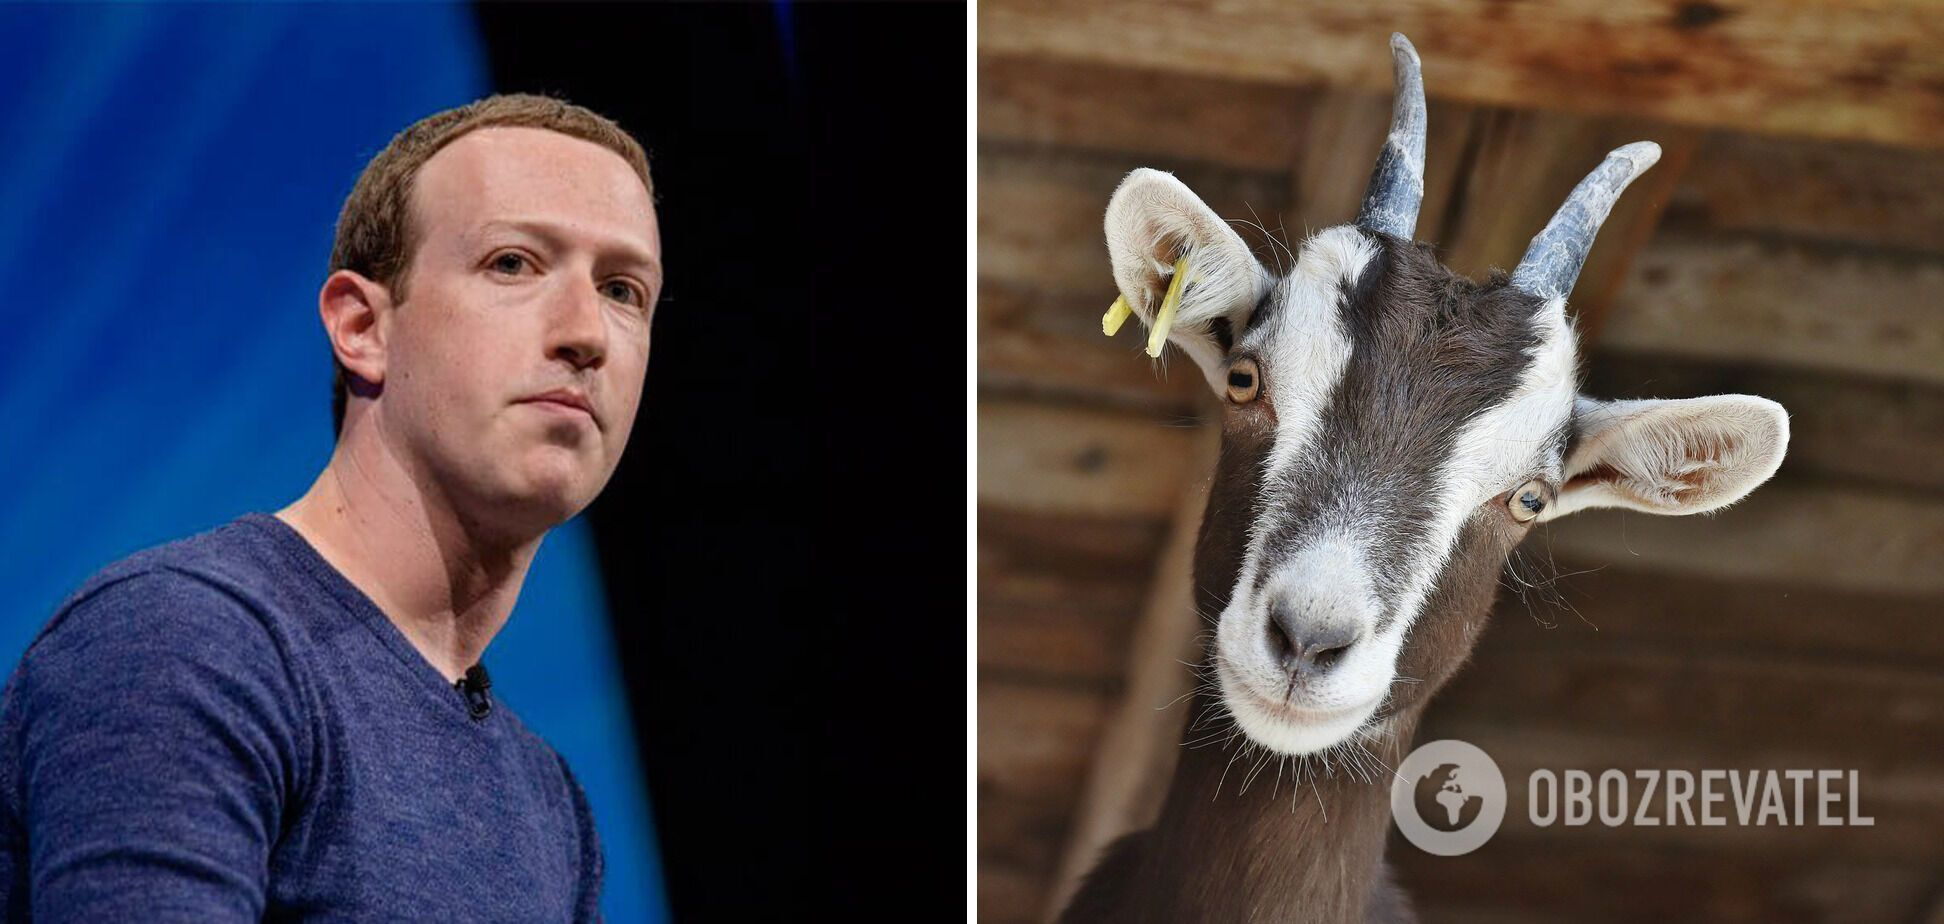 Цукерберг їсть тільки м'ясо тих тварин, яких він убив сам